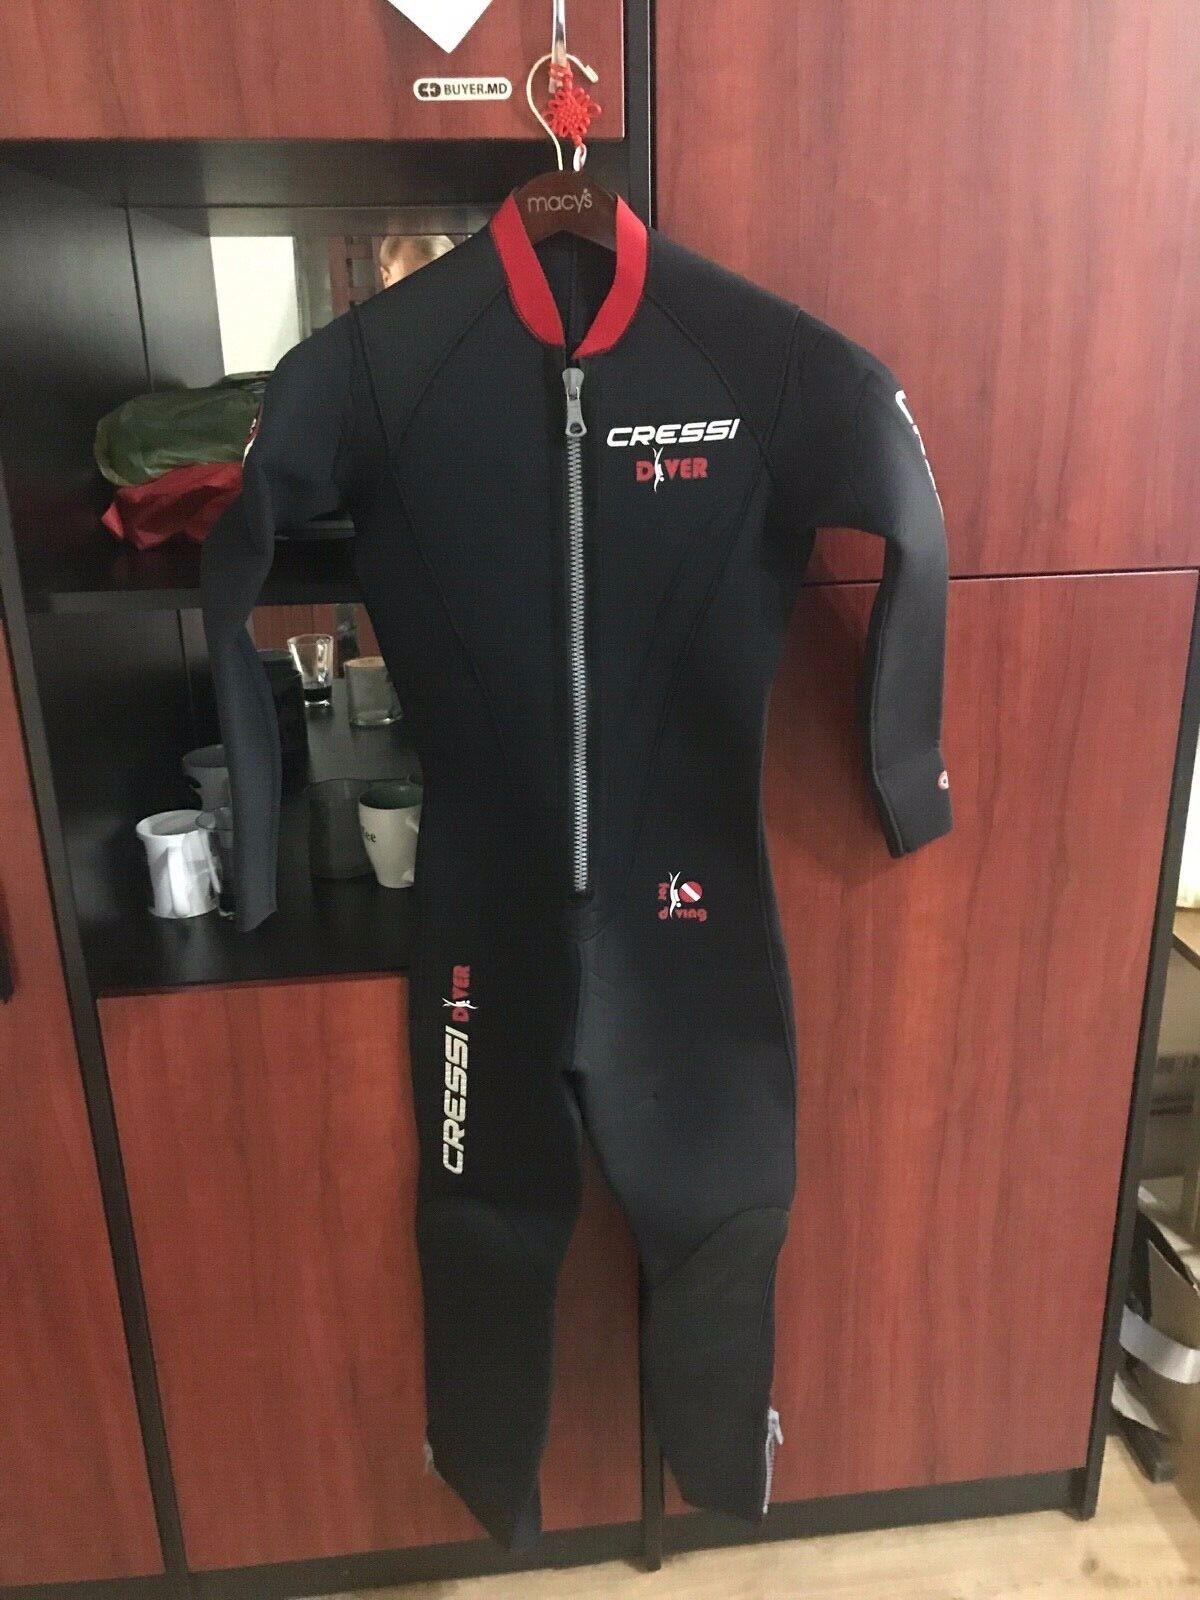 Cressi Diver Wetsuit 5mm Neopren Man Lady Größe S 2